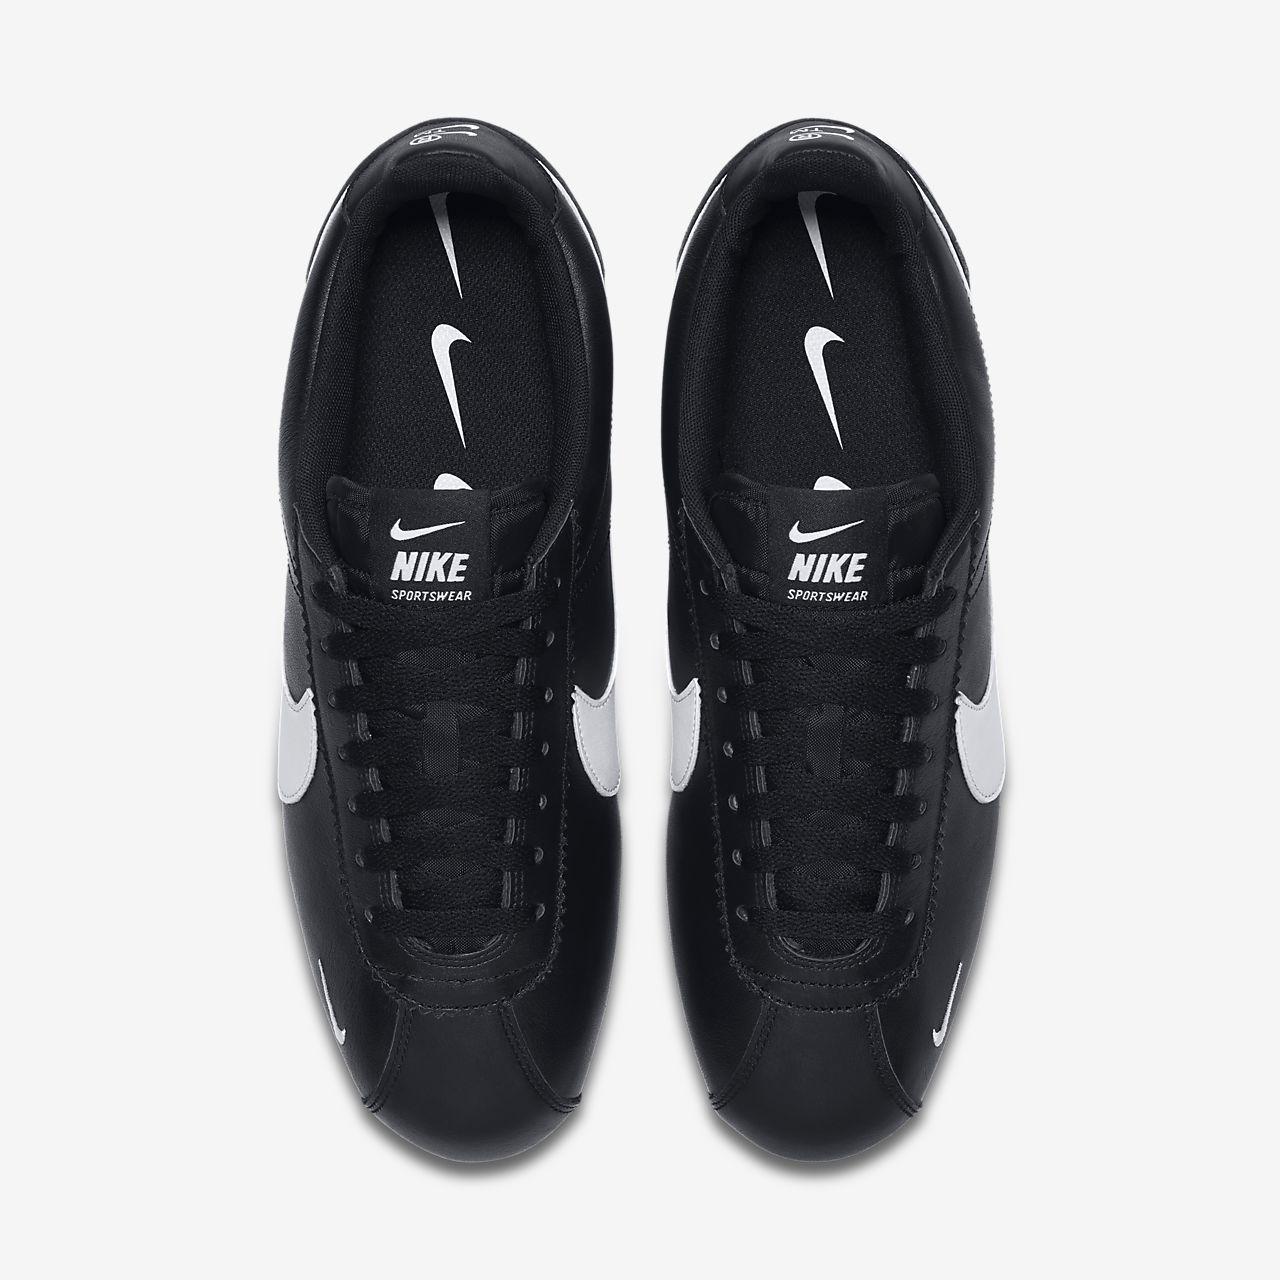 innovative design 34c20 01dd1 ... Nike Classic Cortez Premium Unisex Shoe